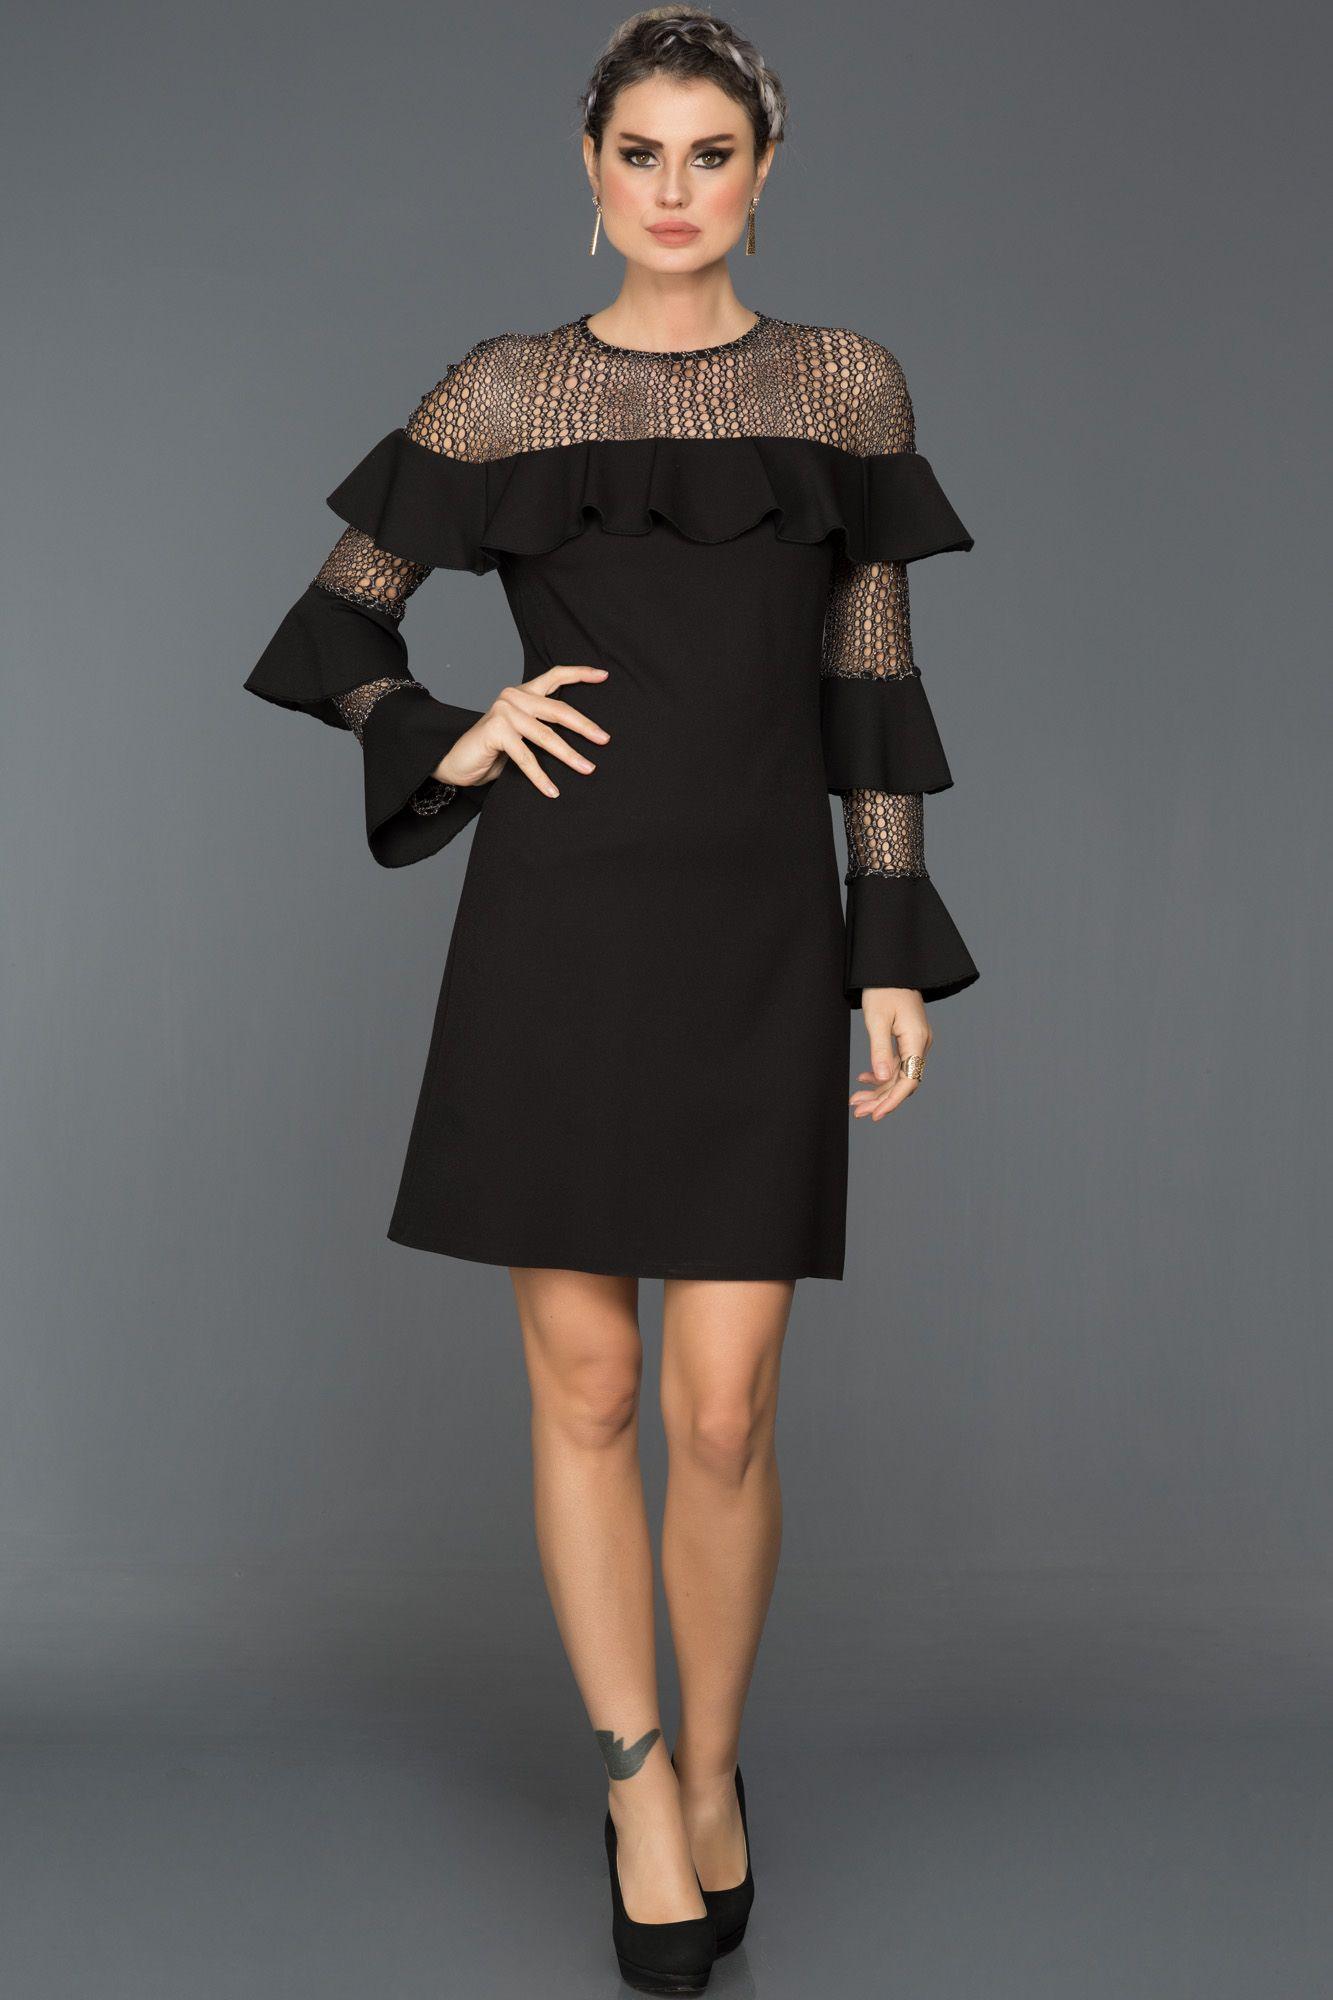 01b427207ef21 Uzun Kollu Şık Elbise MN1456 | 2018 Abiye Elbise Modelleri | Elbise ...